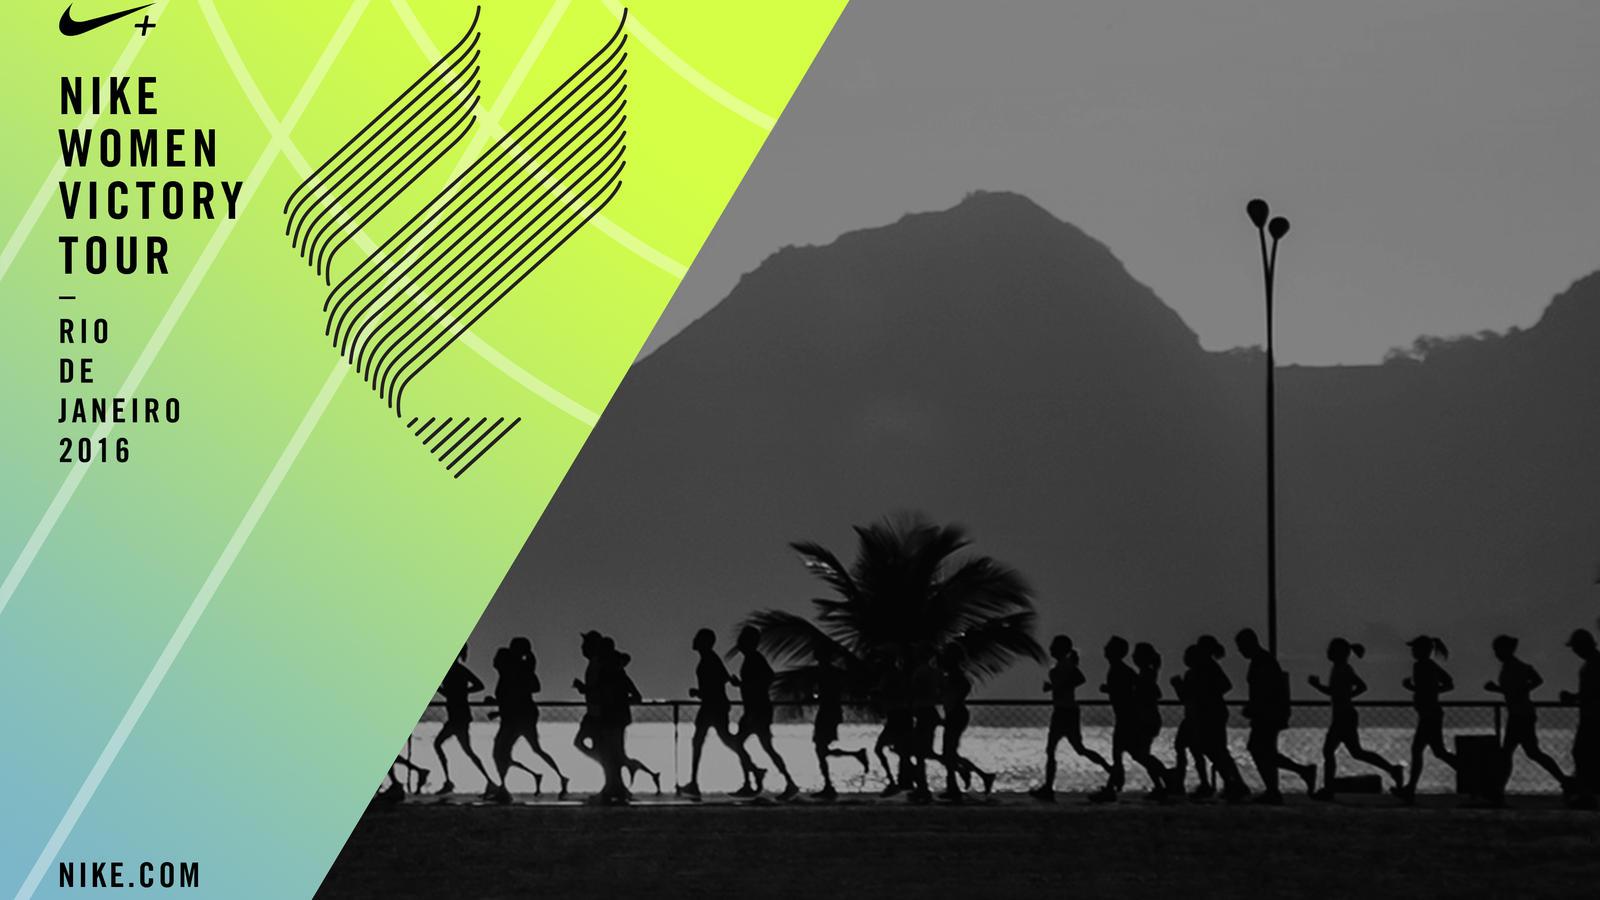 Nikewomen-victory-tour-rio-_hd_1600